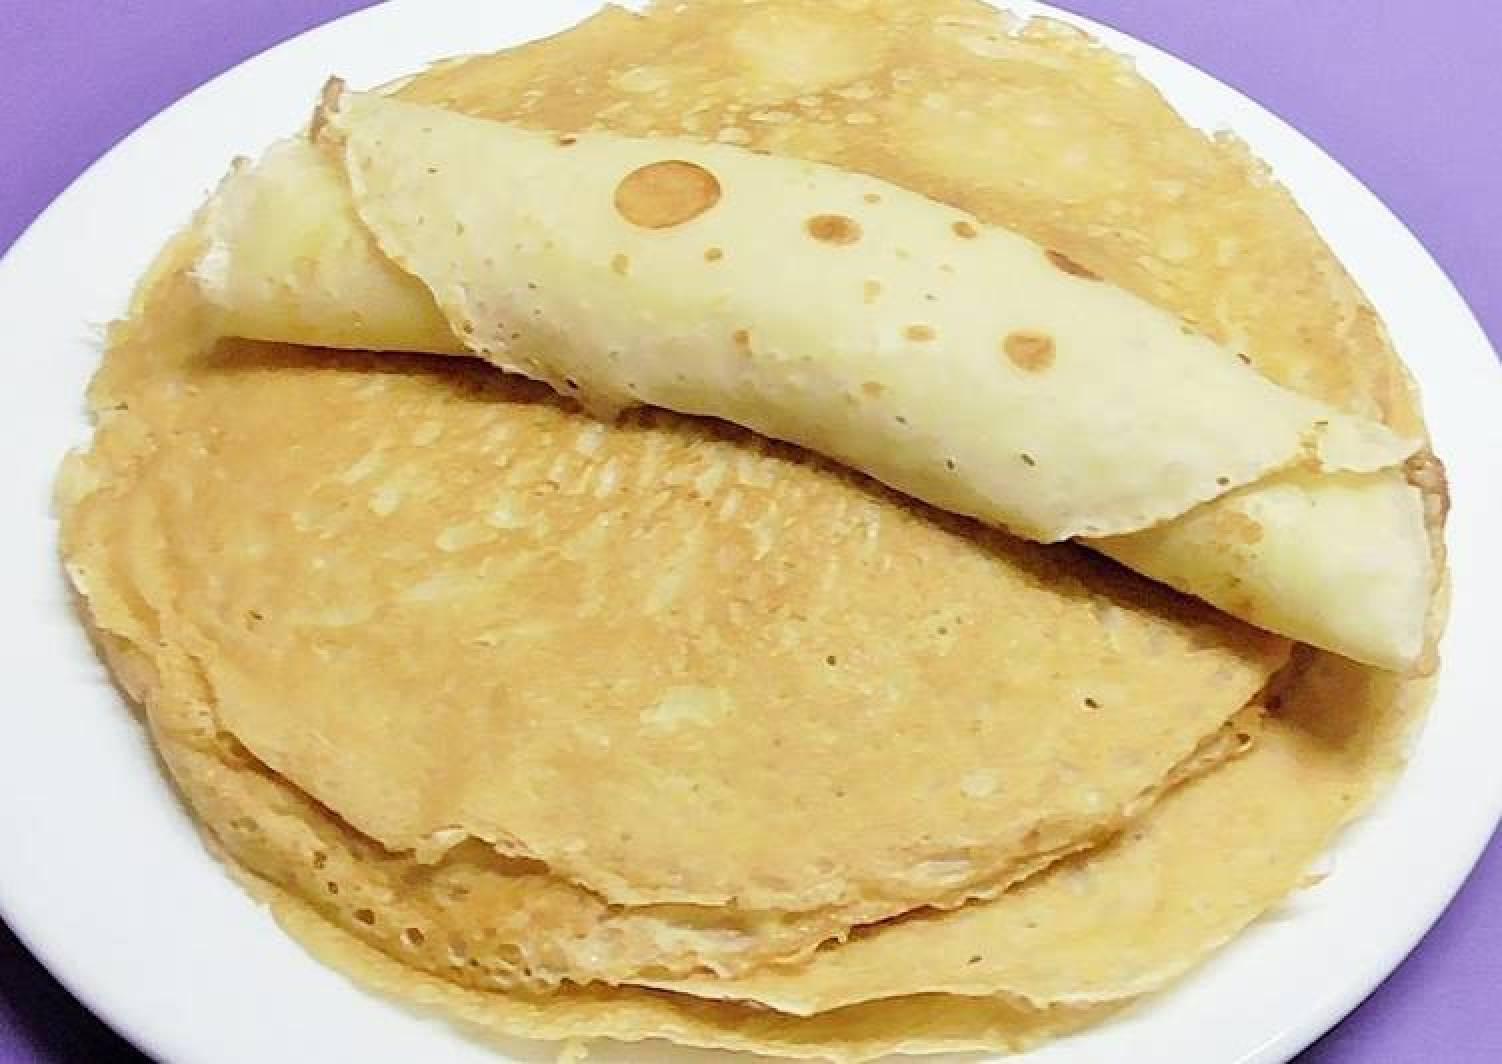 Pfannenkuchen (German Pancake/Crepe)